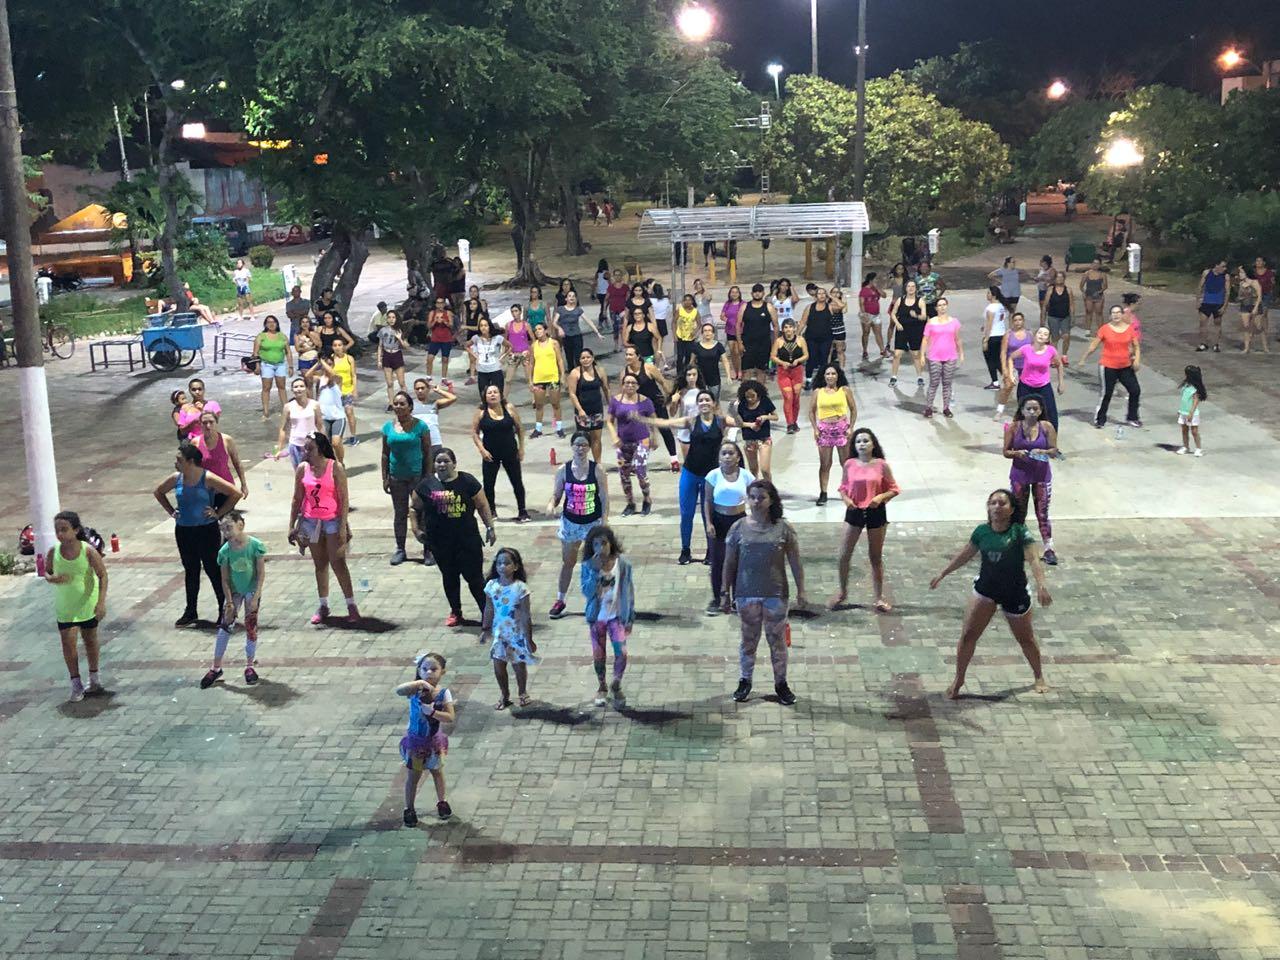 II Delta Férias: Prossegue às quartas-feiras Aulão de danças no Quadrilhódromo